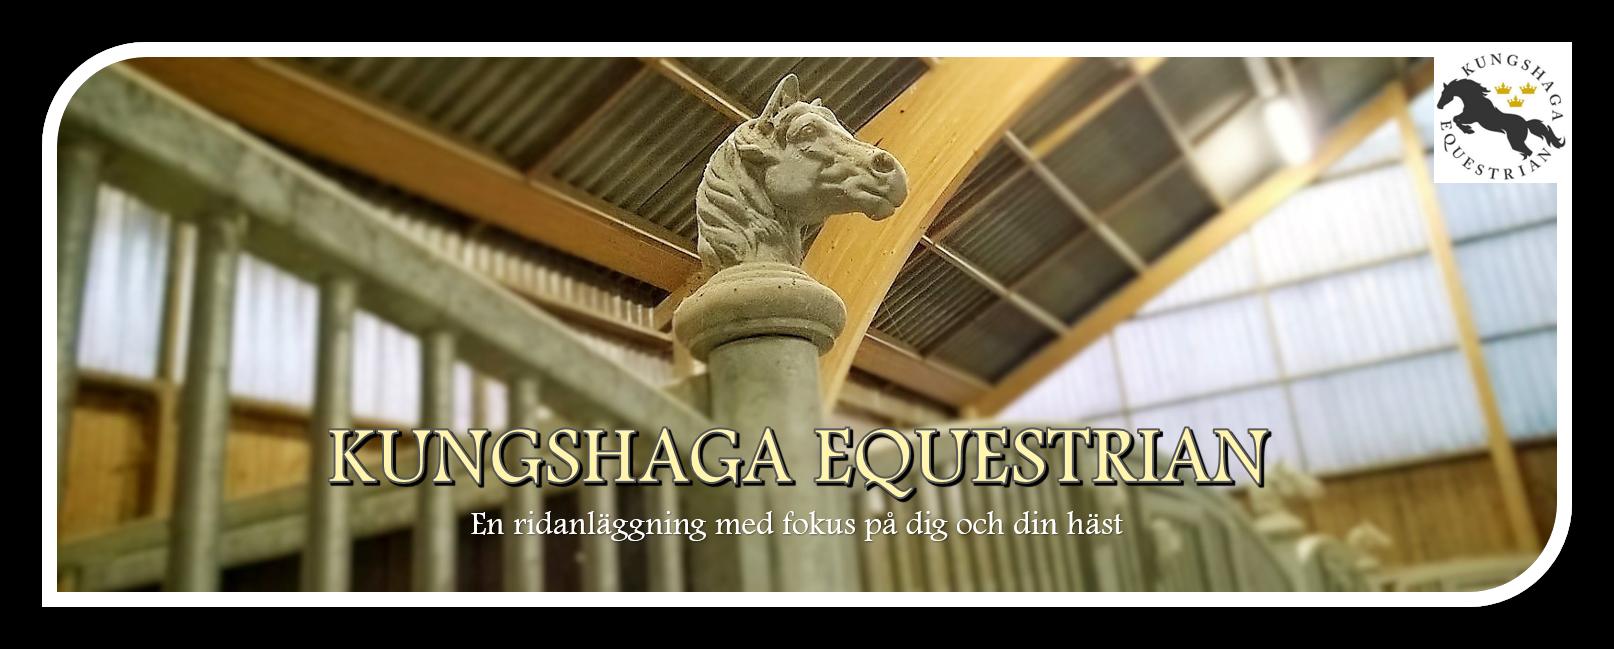 Kungshaga Equestrian